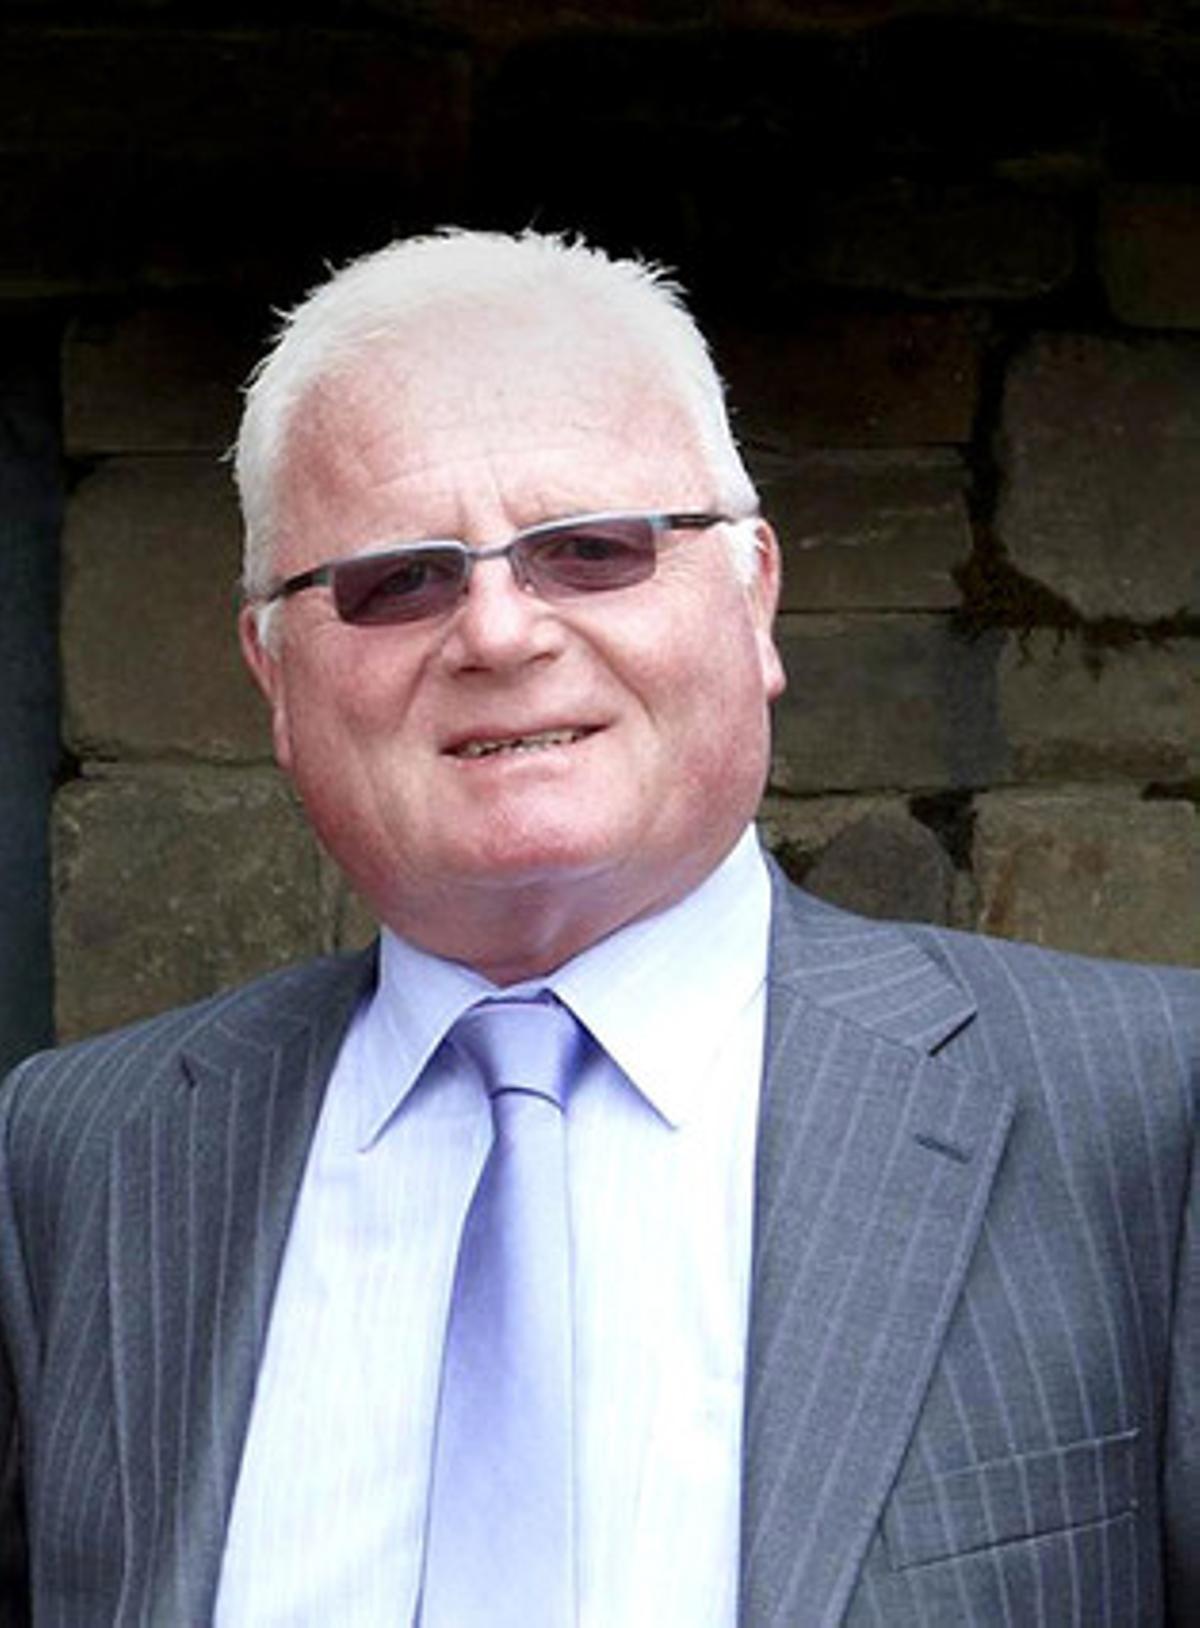 El multimillonario británico Jimi Heselden, en una foto de archivo.